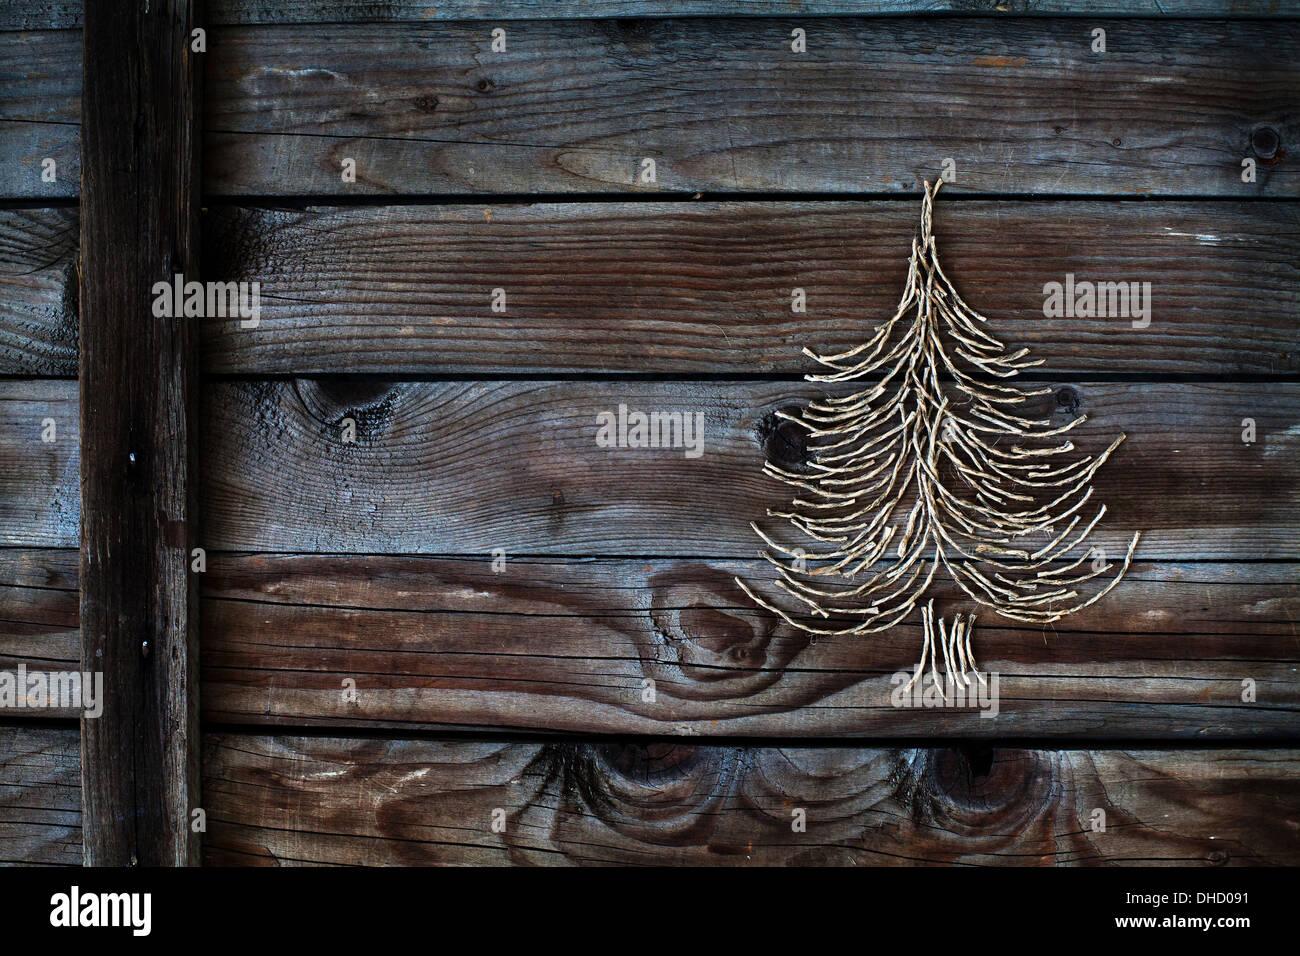 Weihnachtsbaum auf hölzernen Hintergrund, Neujahrskarte Stockbild